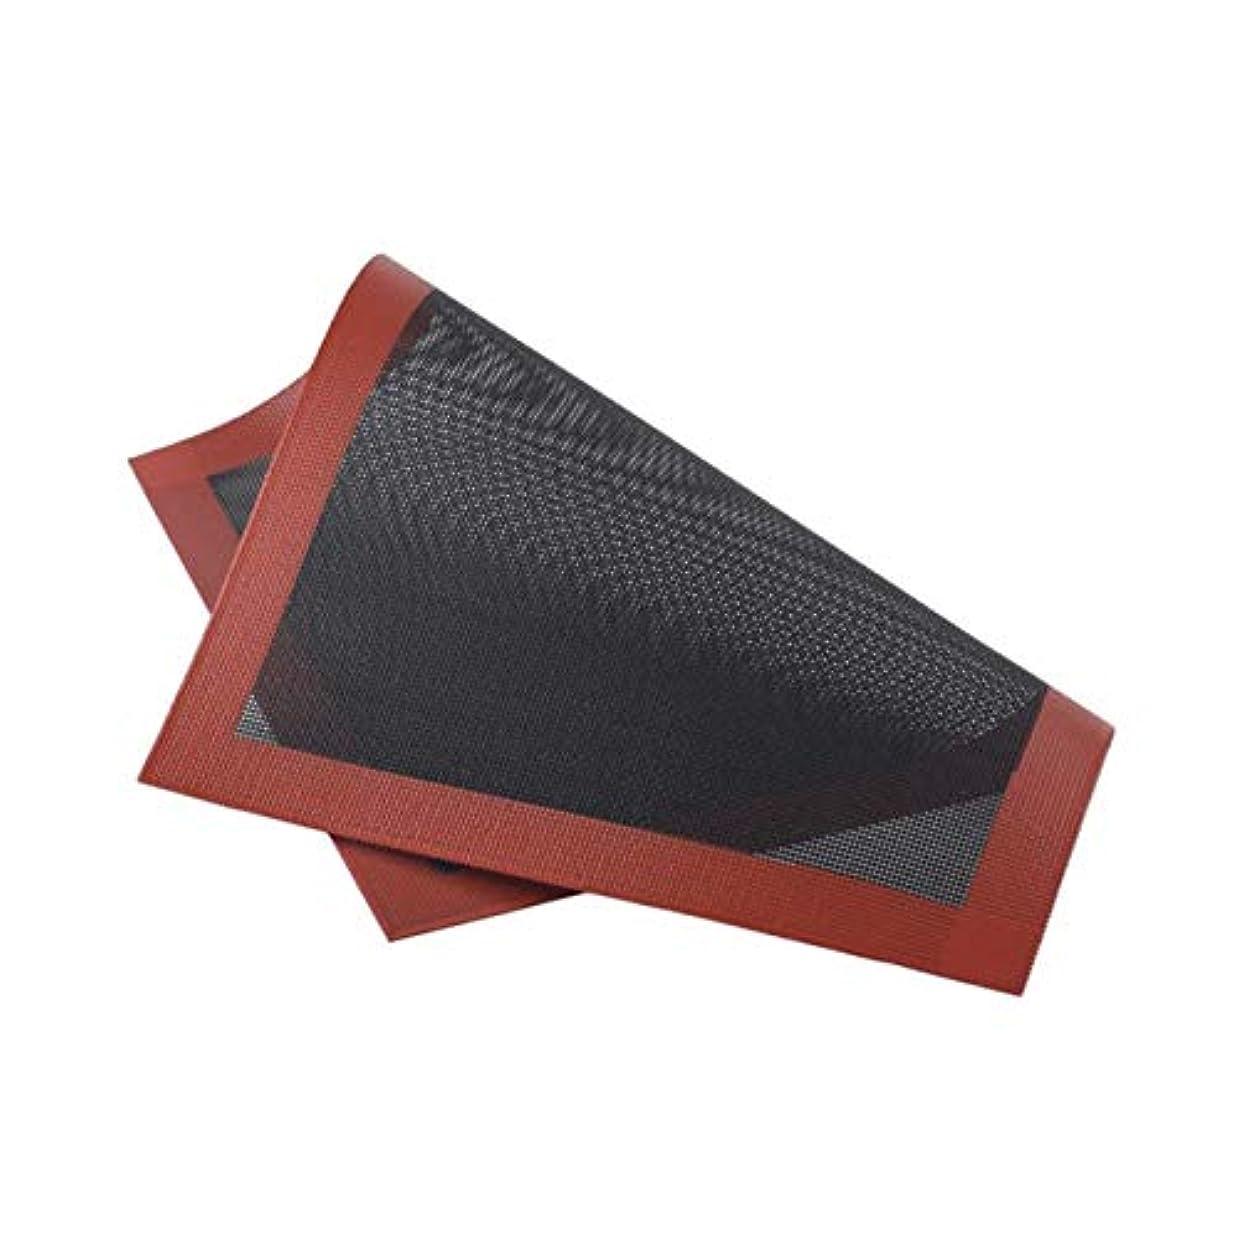 安全でない二度クックSaikogoods クッキーパンビスケットのための実用的なデザインホームキッチンベーキングツールのシリコンベーキングマットノンスティックベーキングオーブンシートライナー 黒と赤 直角